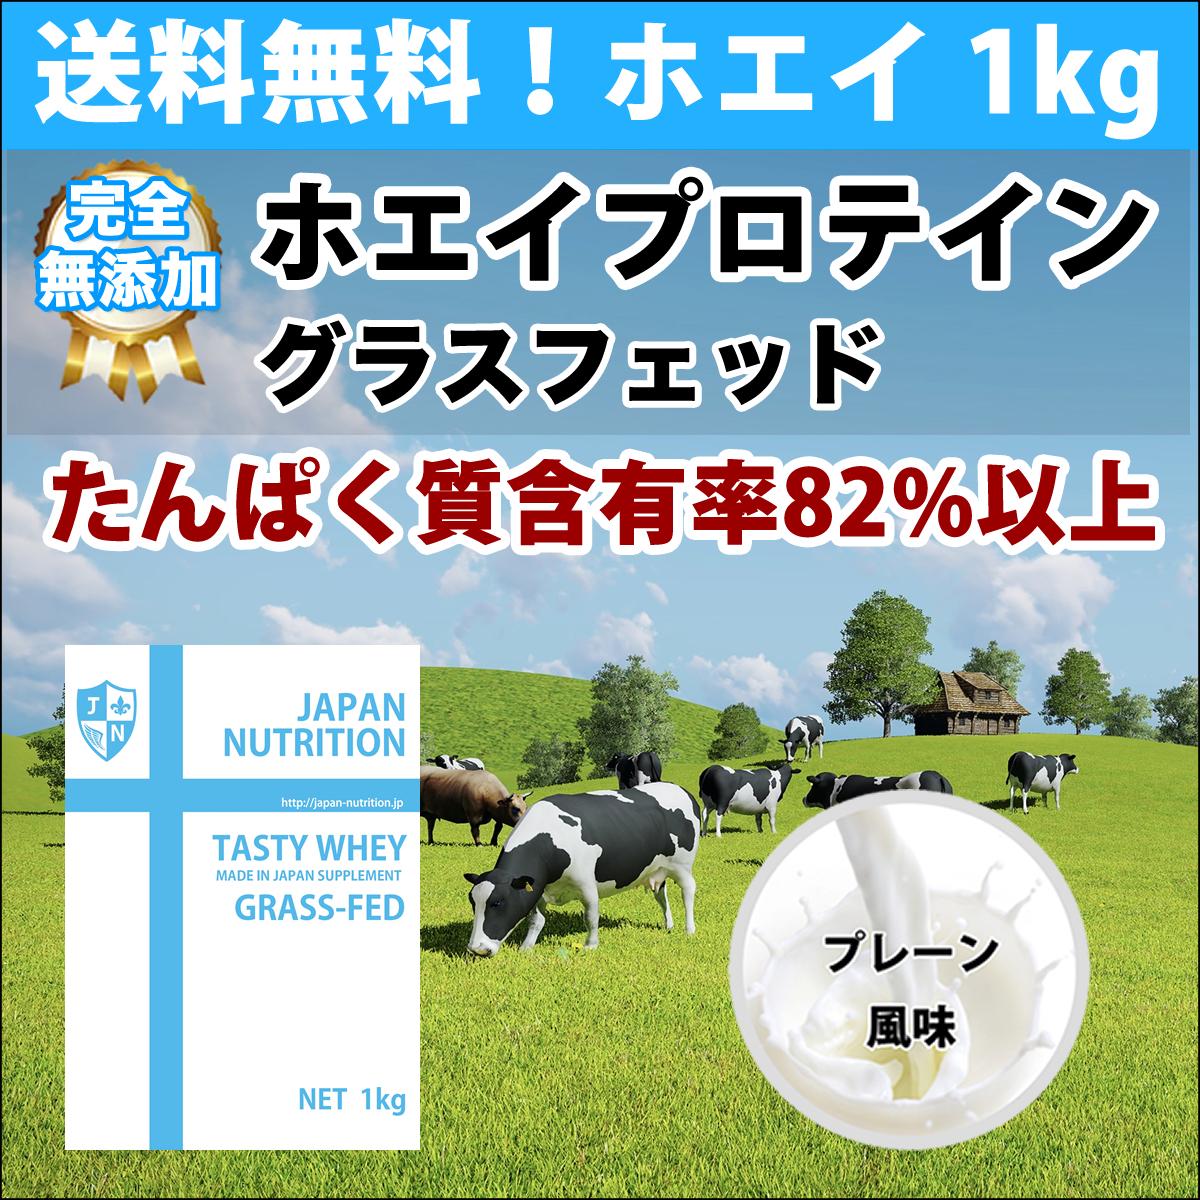 国産◆送料無料◆無添加グラスフェッドホエイプロテイン3kg◆使いやすい1㎏×3個◆WPC100%◆日本製で高品質◆タンパク質含有量82%_画像2